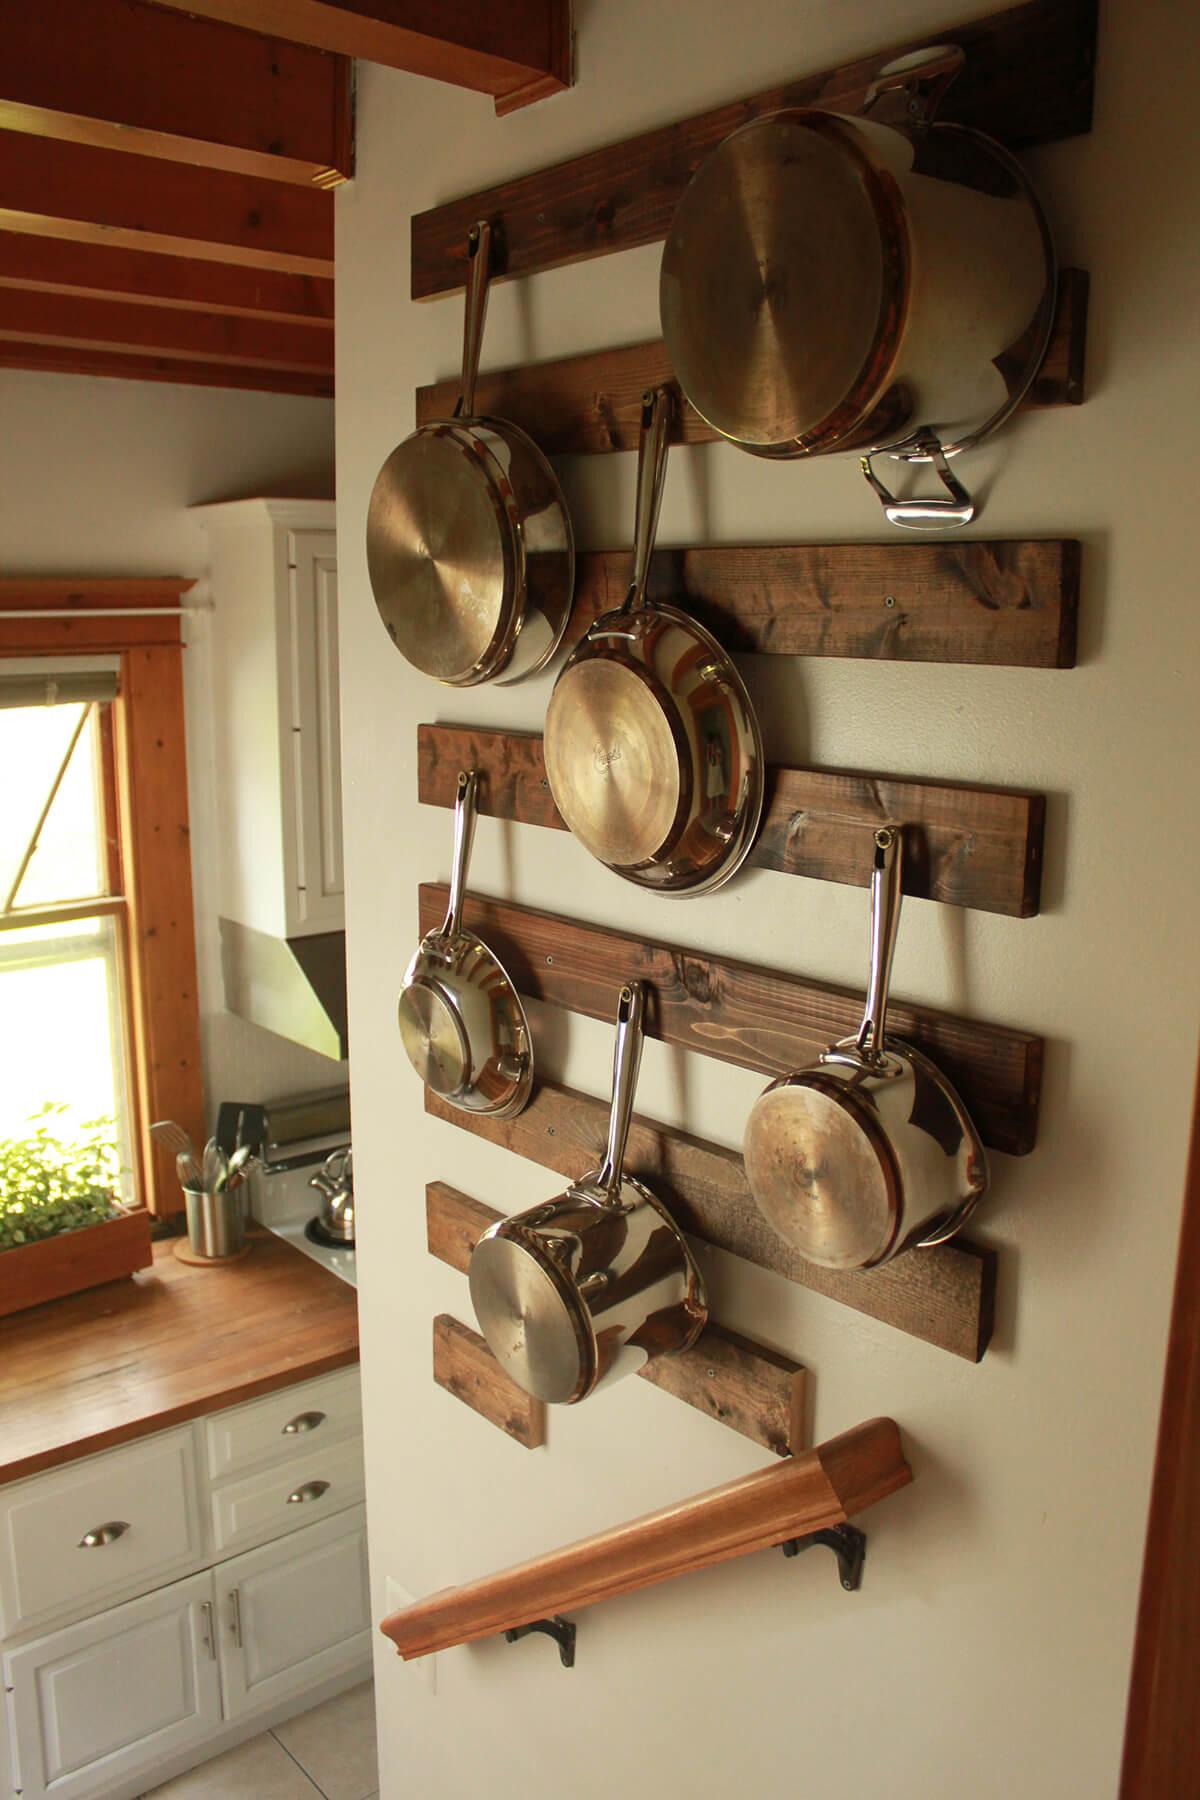 पुराने बेकार पड़े बर्तन, प्लेट्स व ट्रे को भी आप किचन वॉल डैकोरेशन के लिए यूज कर सकती हैं।